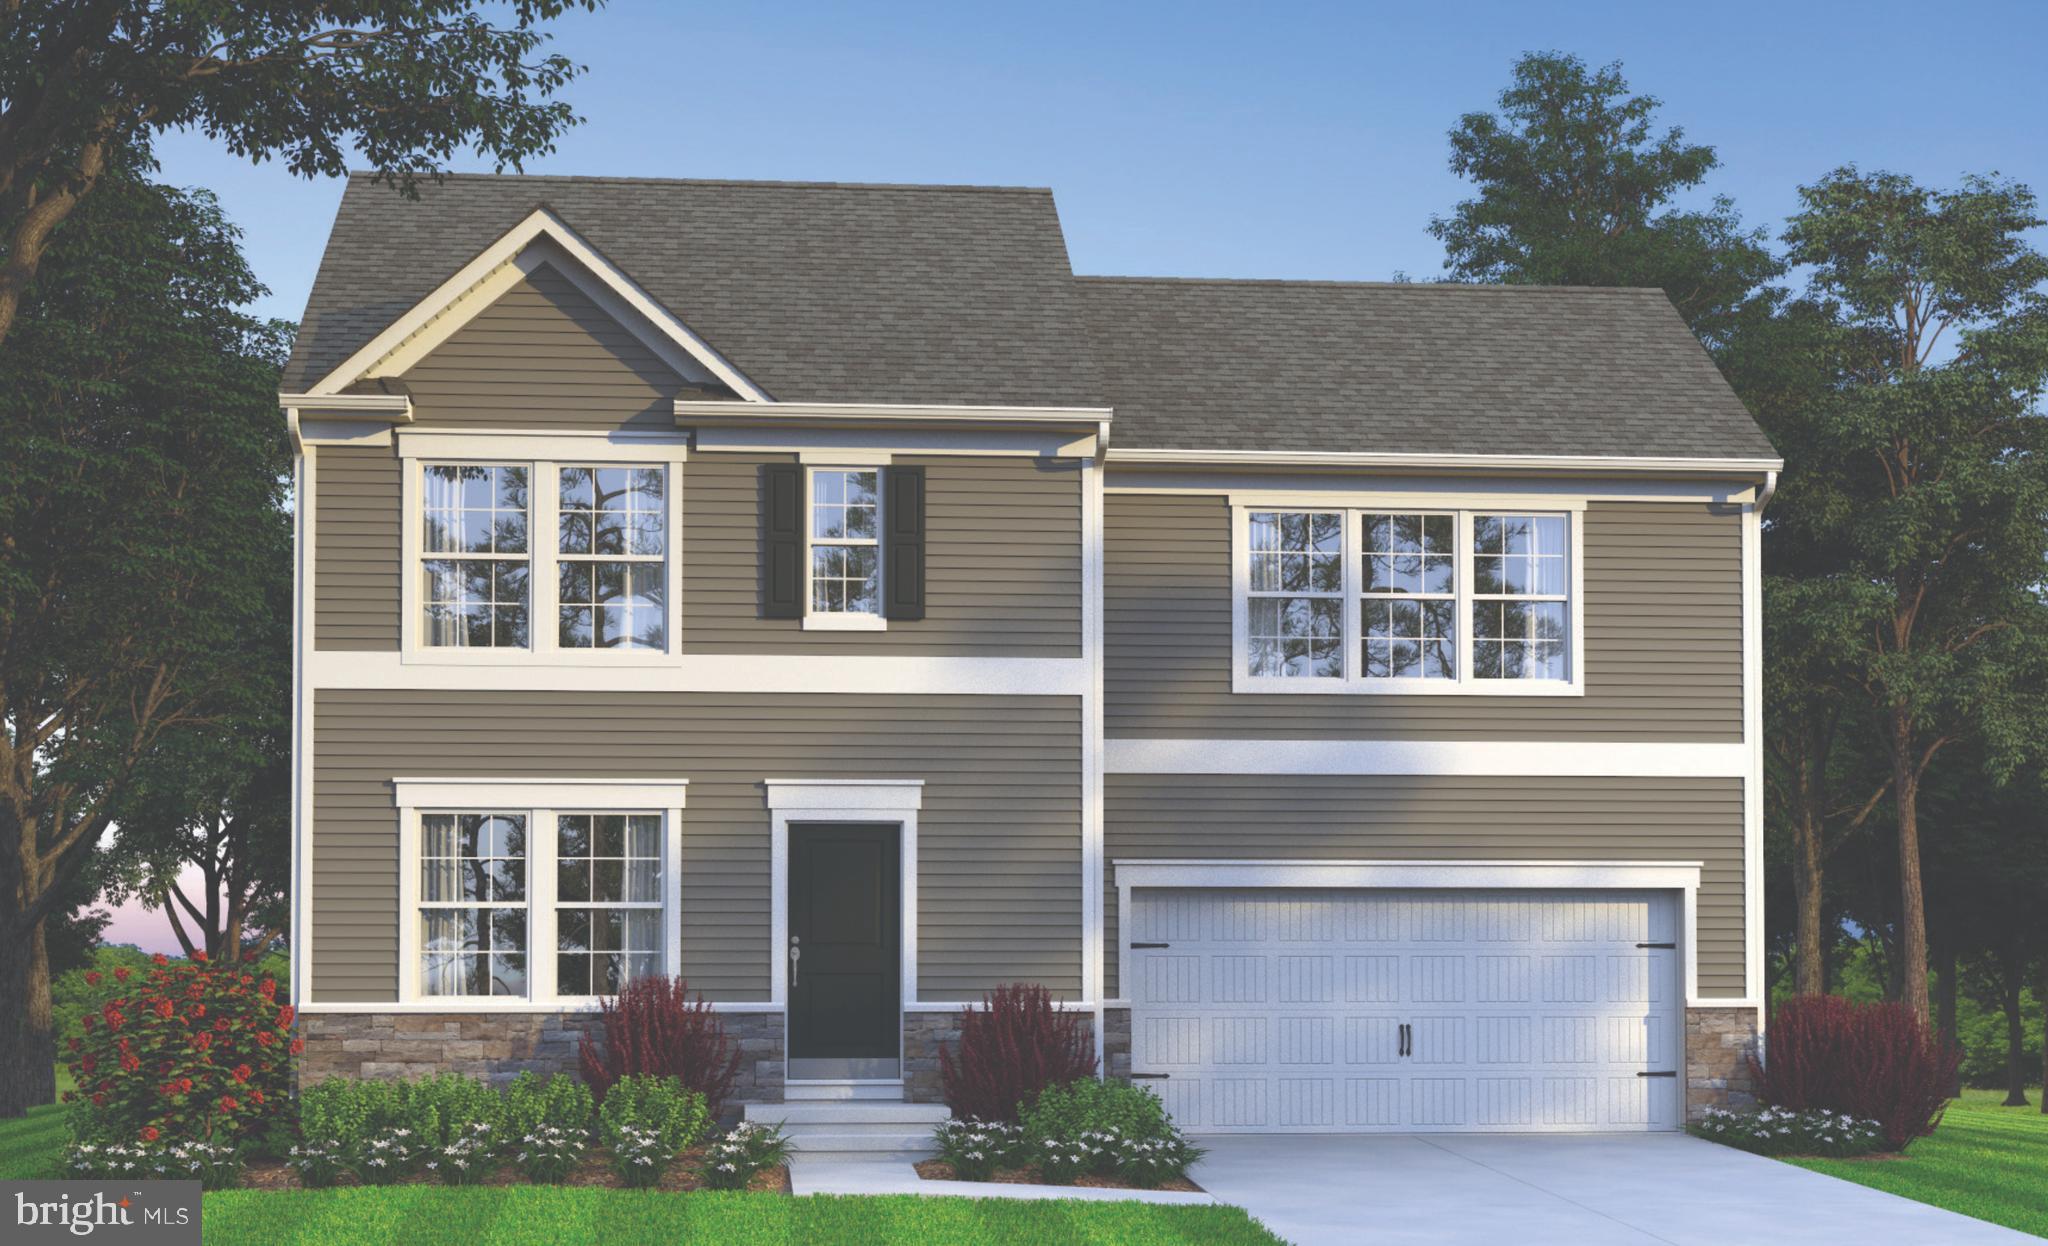 Lot 369 Spar Ct, Greenbackville, VA, 23356